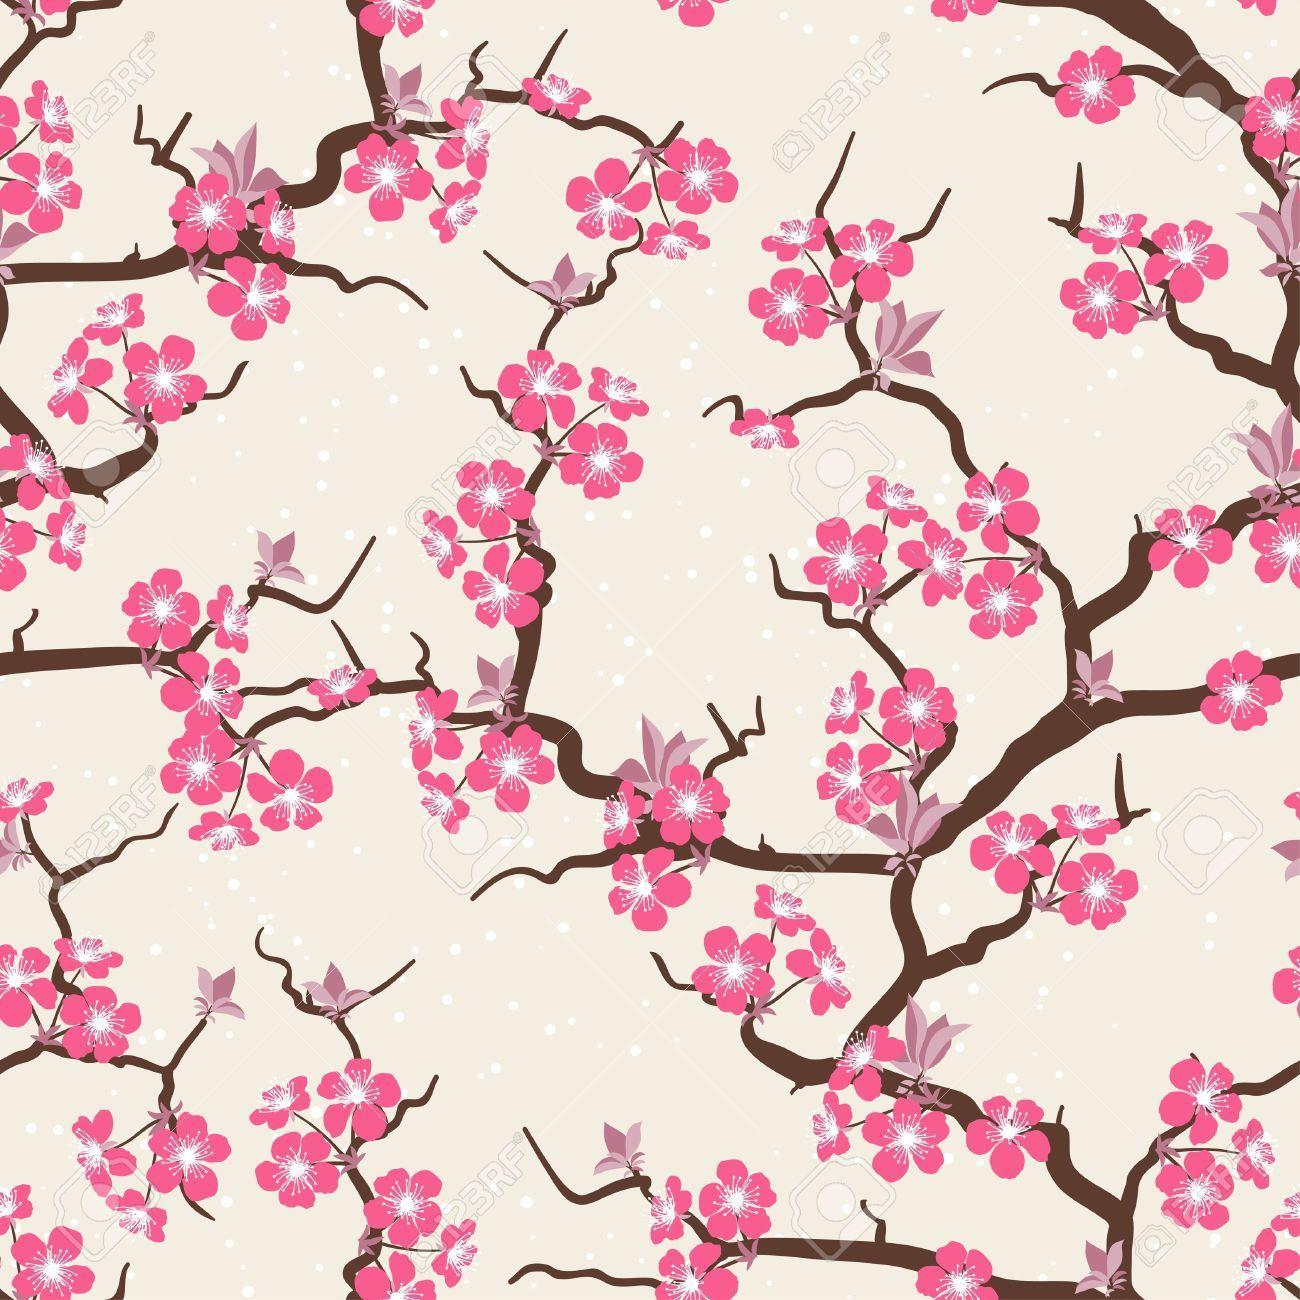 Motif Japonais Fleur Cerisier Recherche Google Zengxueming